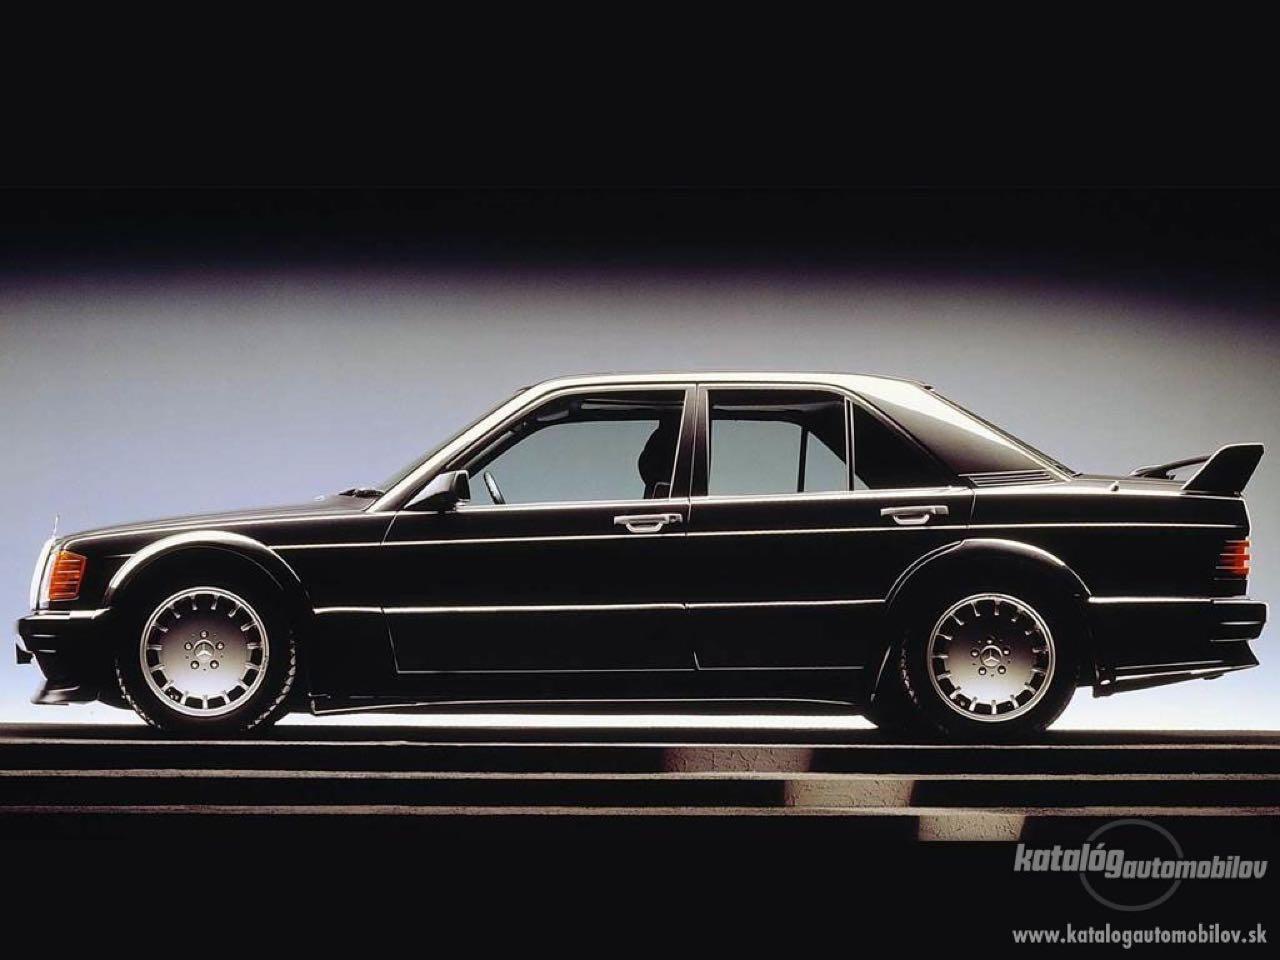 Mercedes 190 2.5 16 Evo 1... Oui il y a eu une Evo 1 ! 32